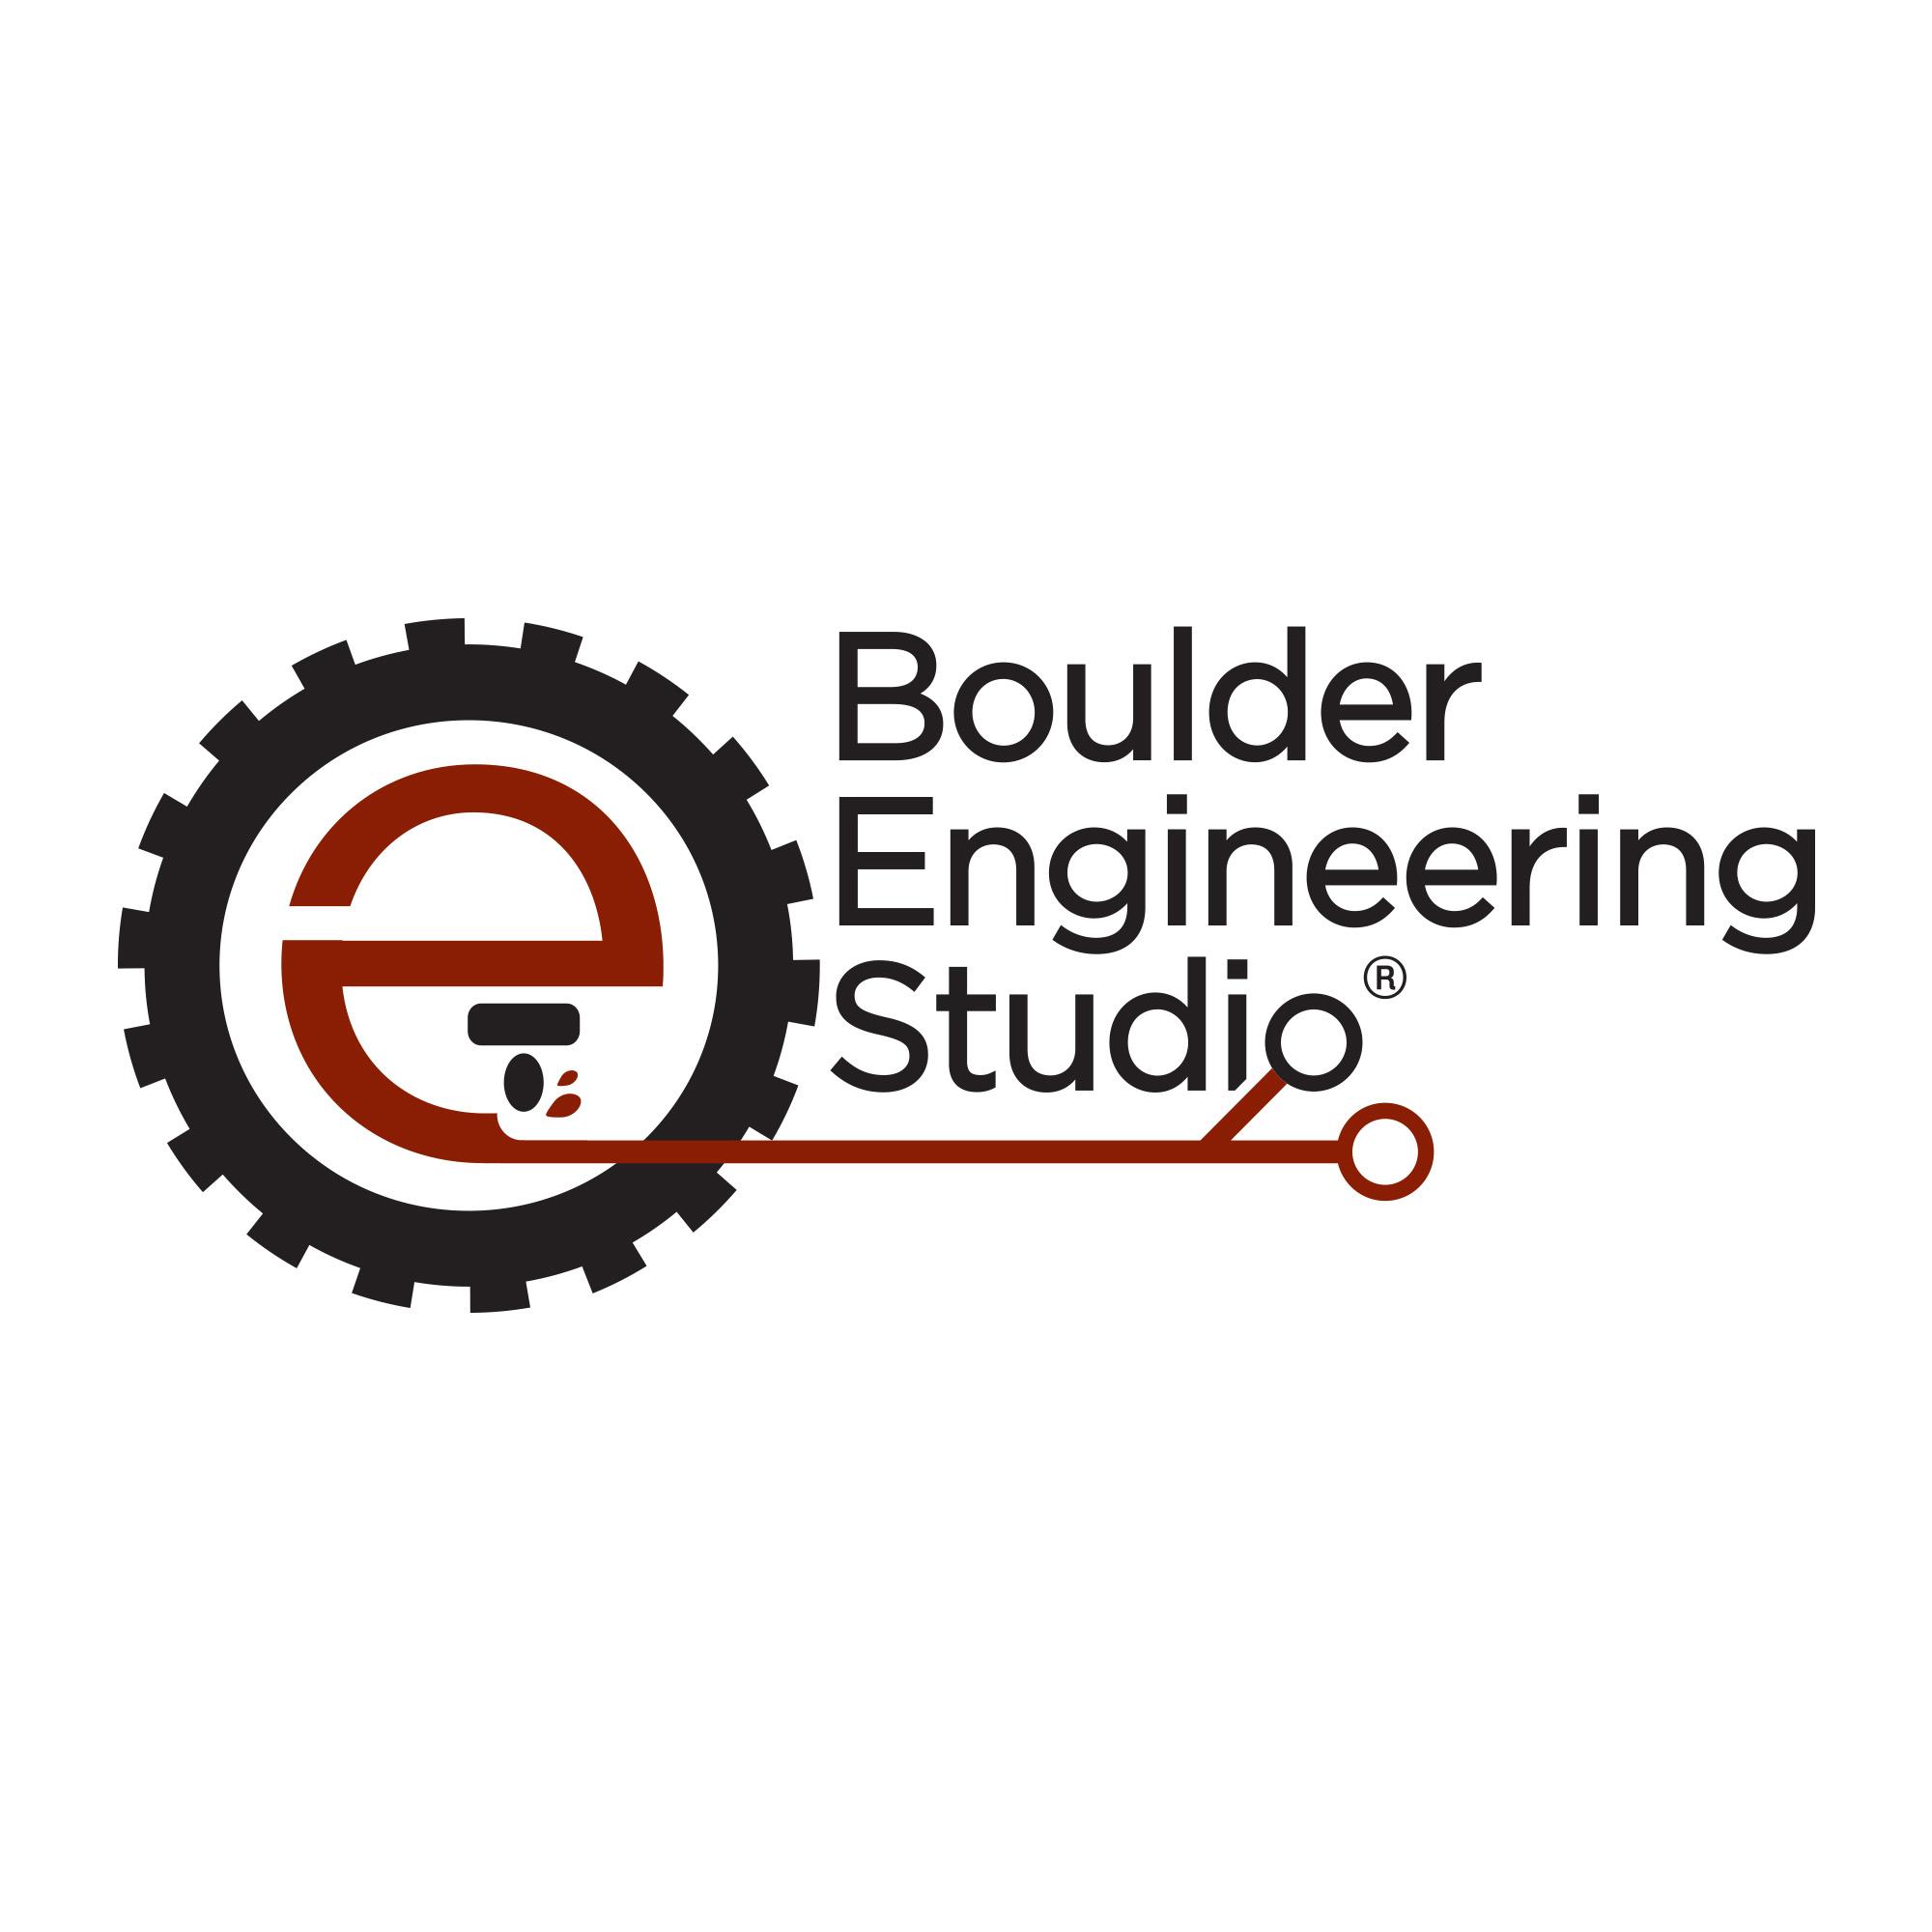 Boulder Engineering Studio